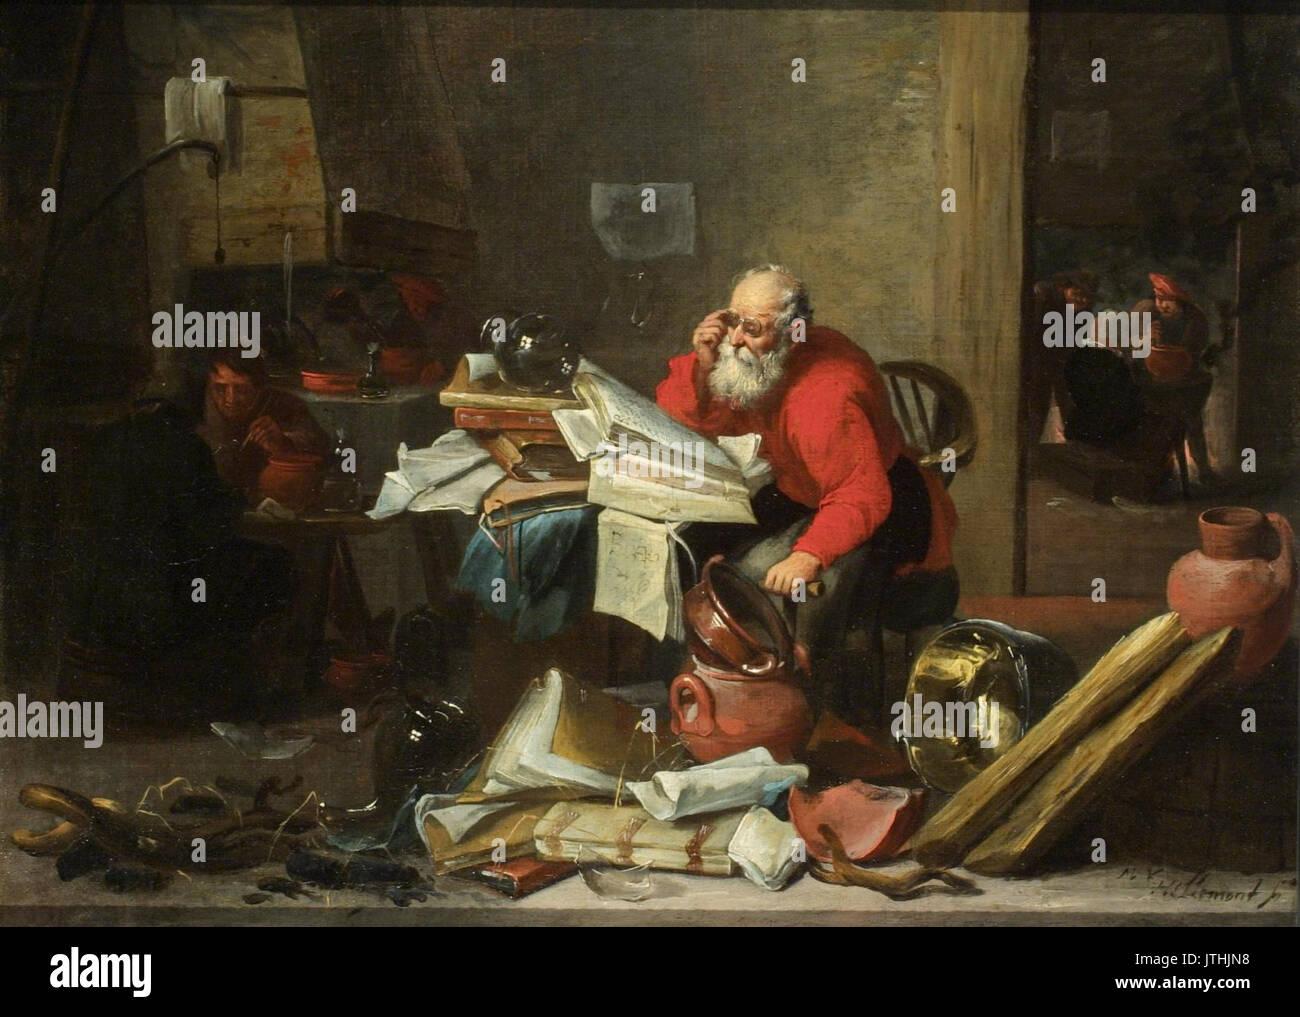 Mattheus van Hellemont The Alchemist - Stock Image